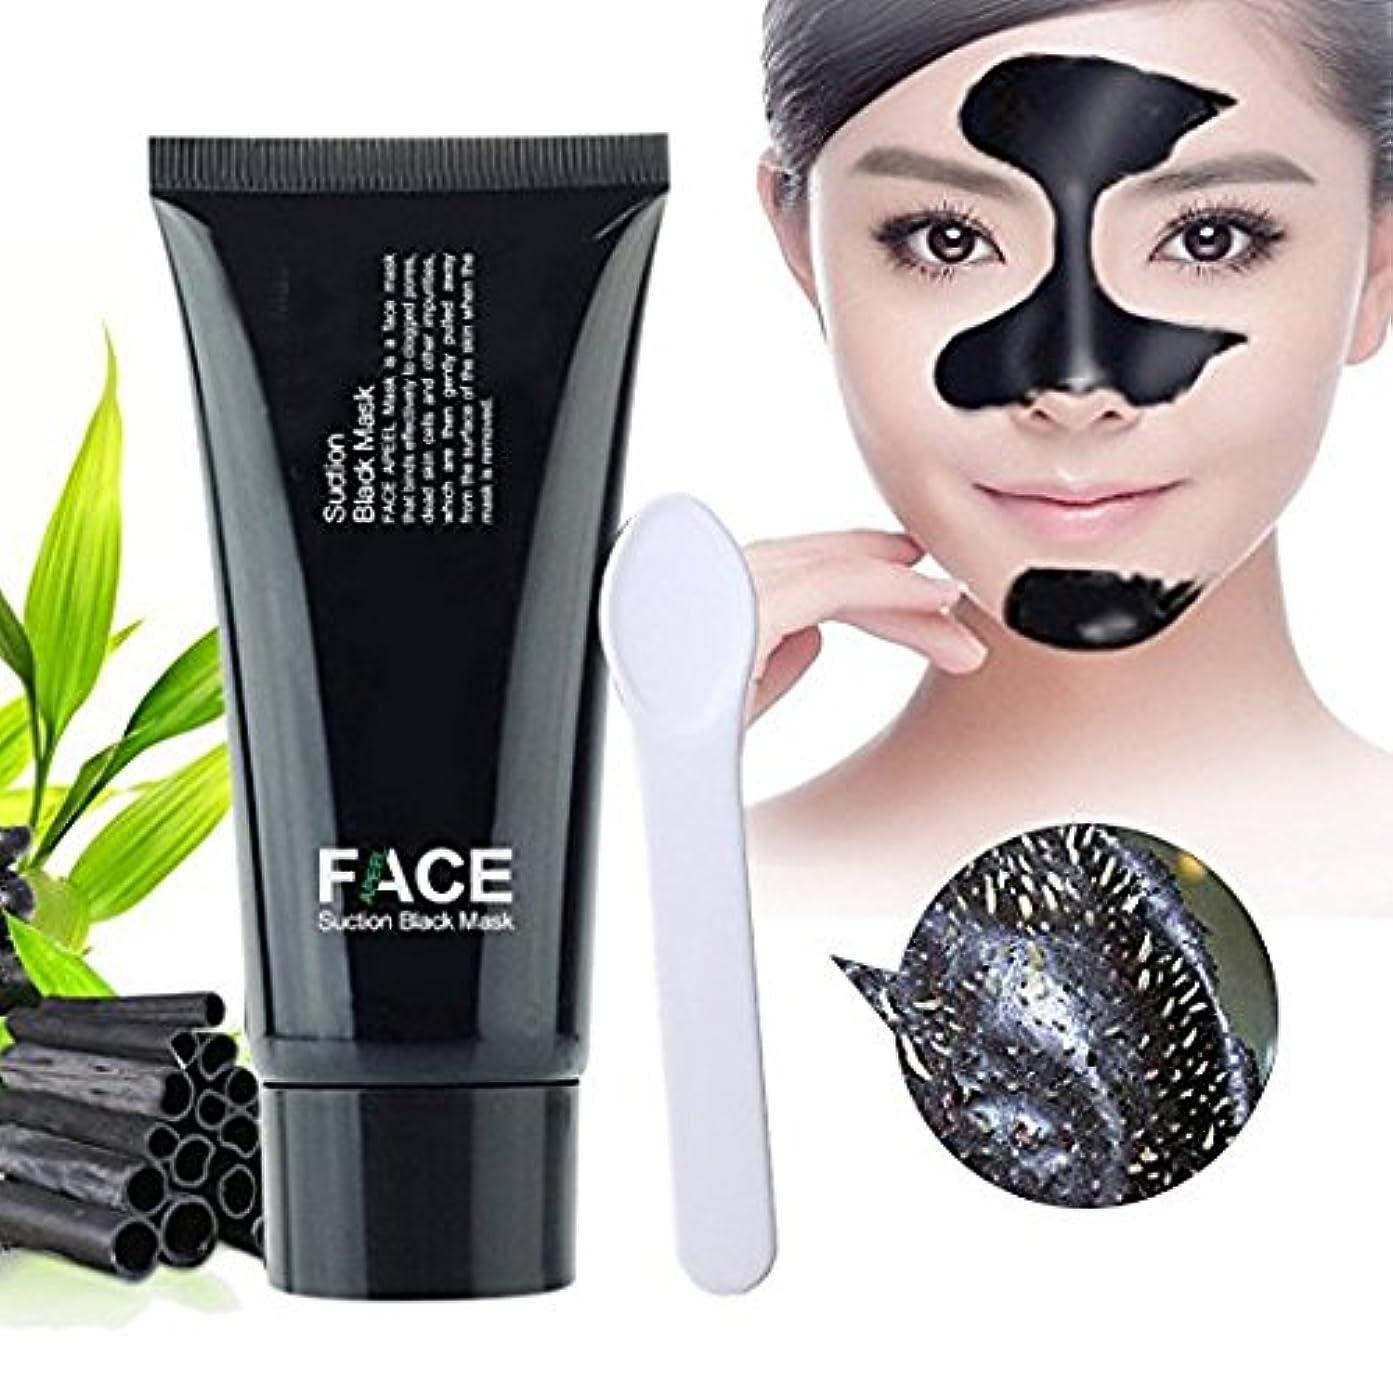 すりビーズ行政Blackhead Remover Mask, FaceApeel-Peel Off Black Head Acne Treatments,Face Cleaning Mask+Spoon